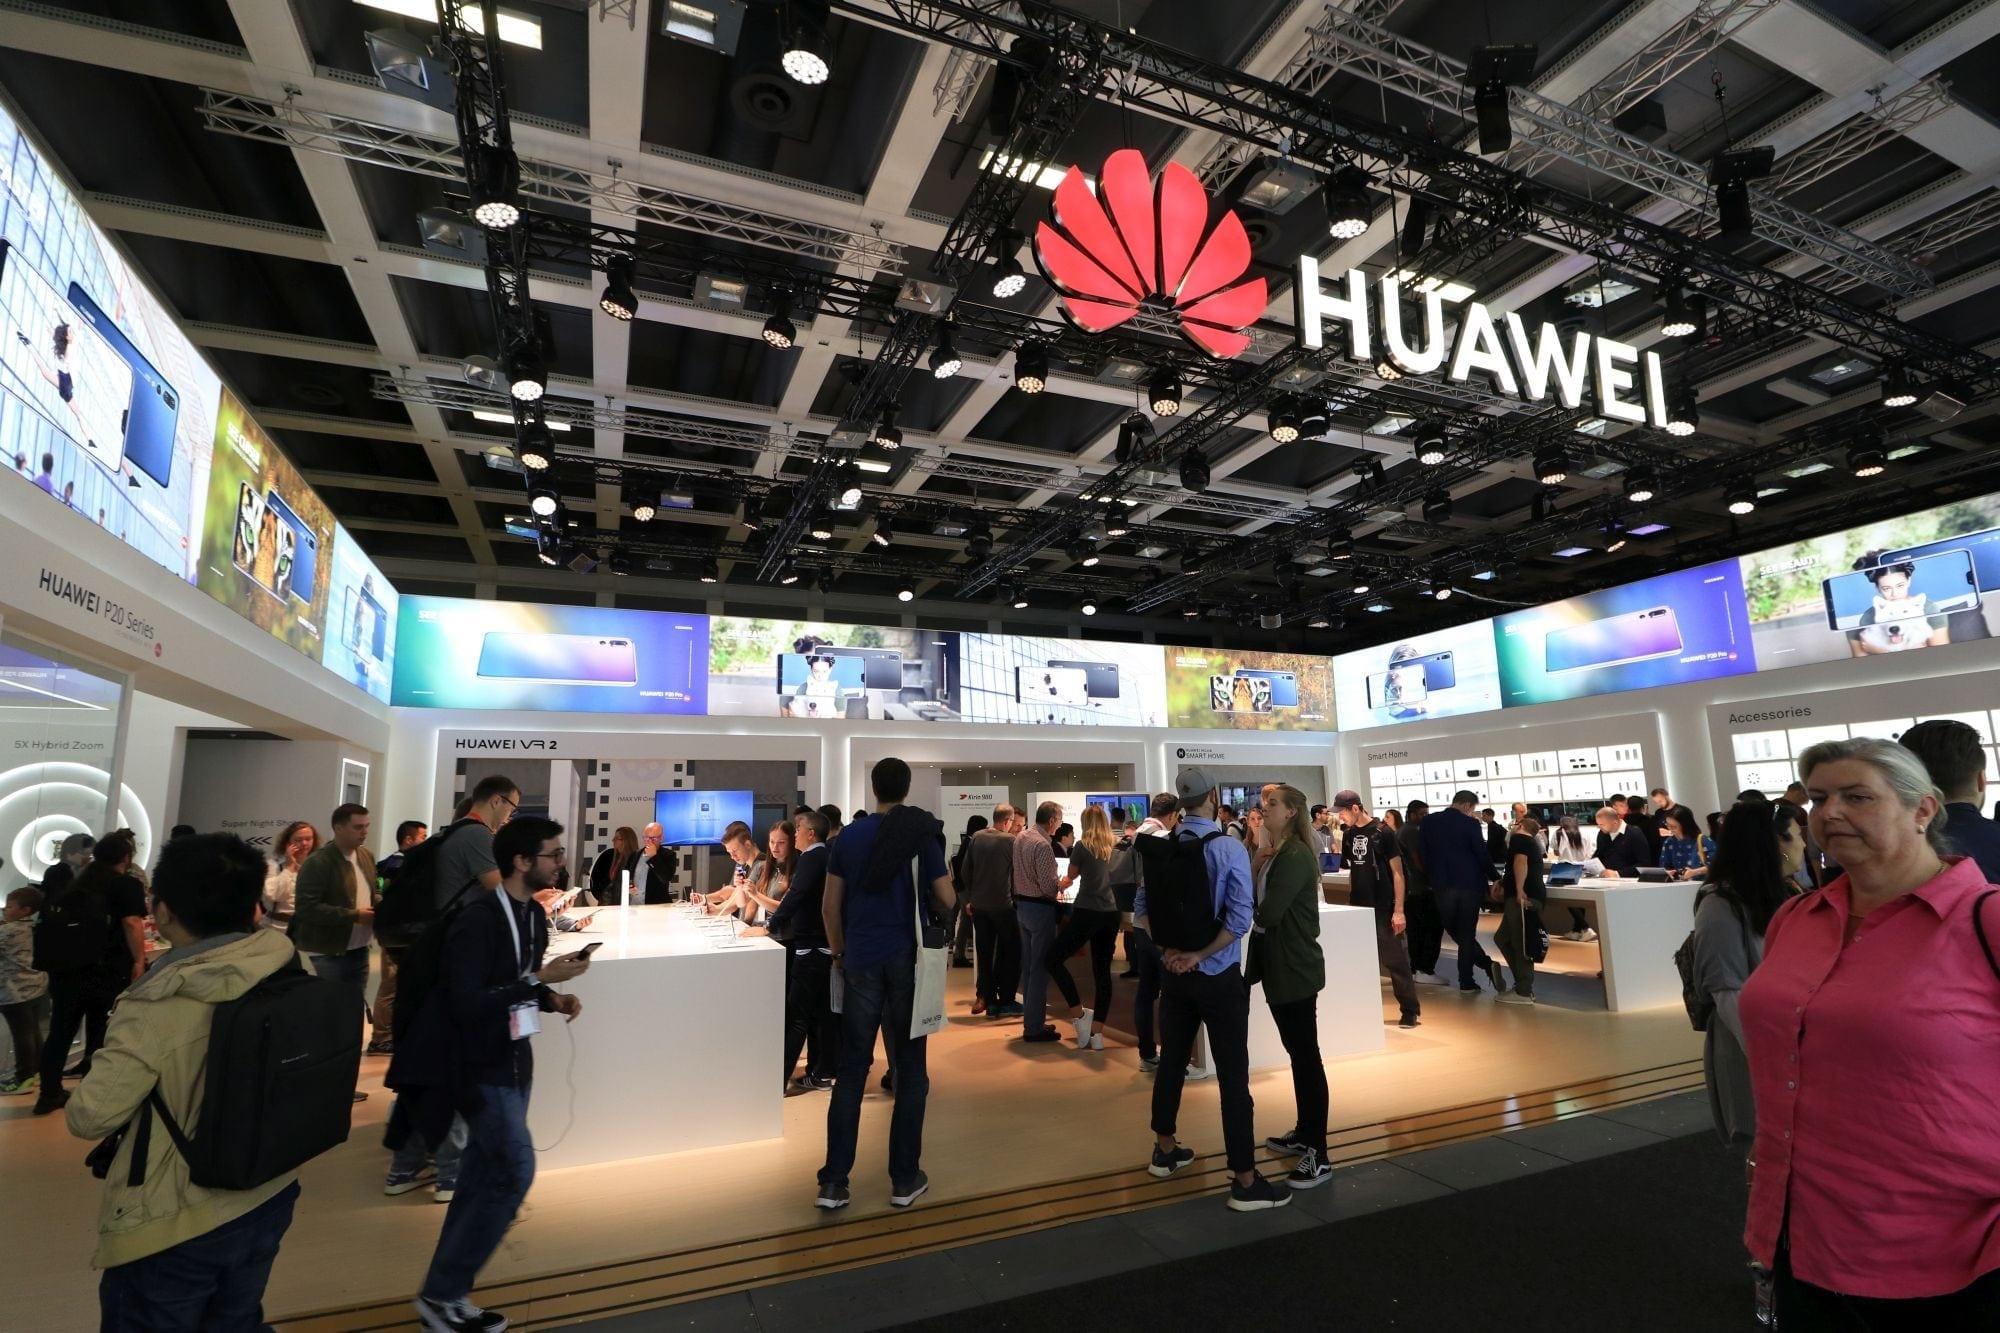 Alte noutăți Huawei de la IFA 2018: AI Cube, Huawei Locator și noi versiuni de culoare pentru smartphone-urile P20